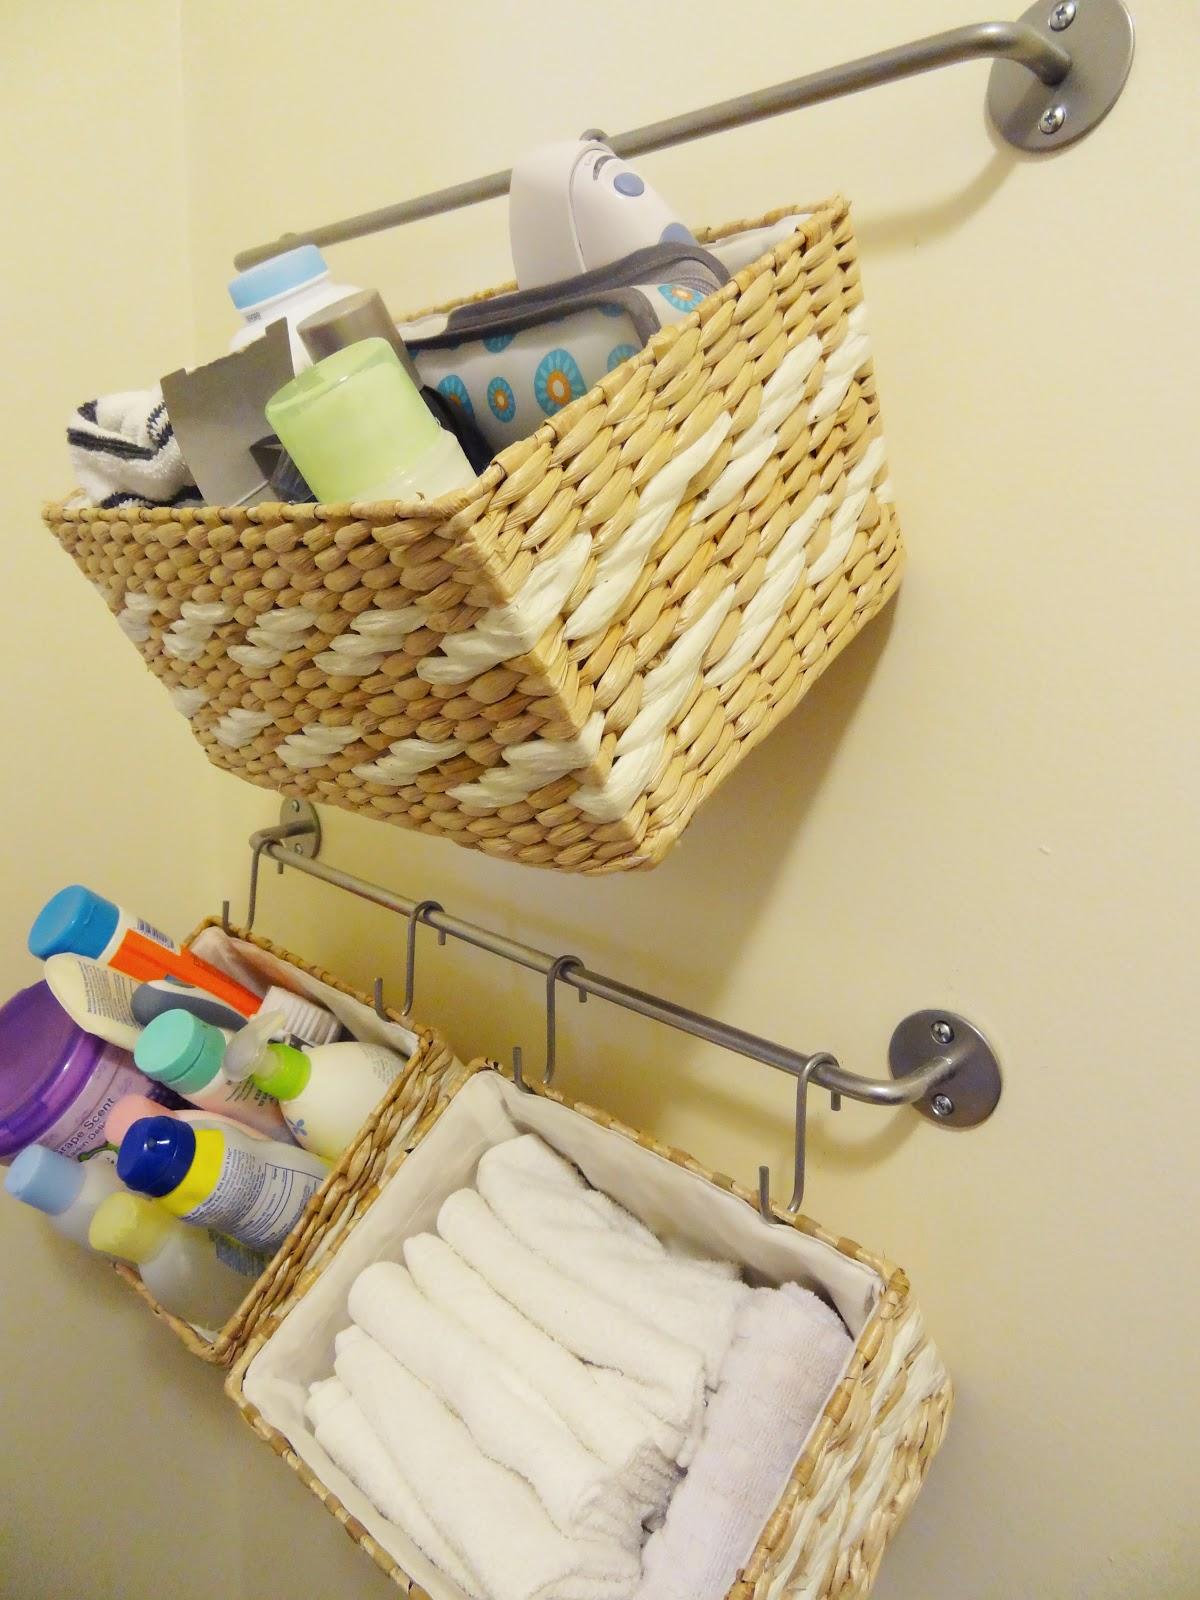 Diy Hanging Bathroom Storage Baskets Revamp Homegoods